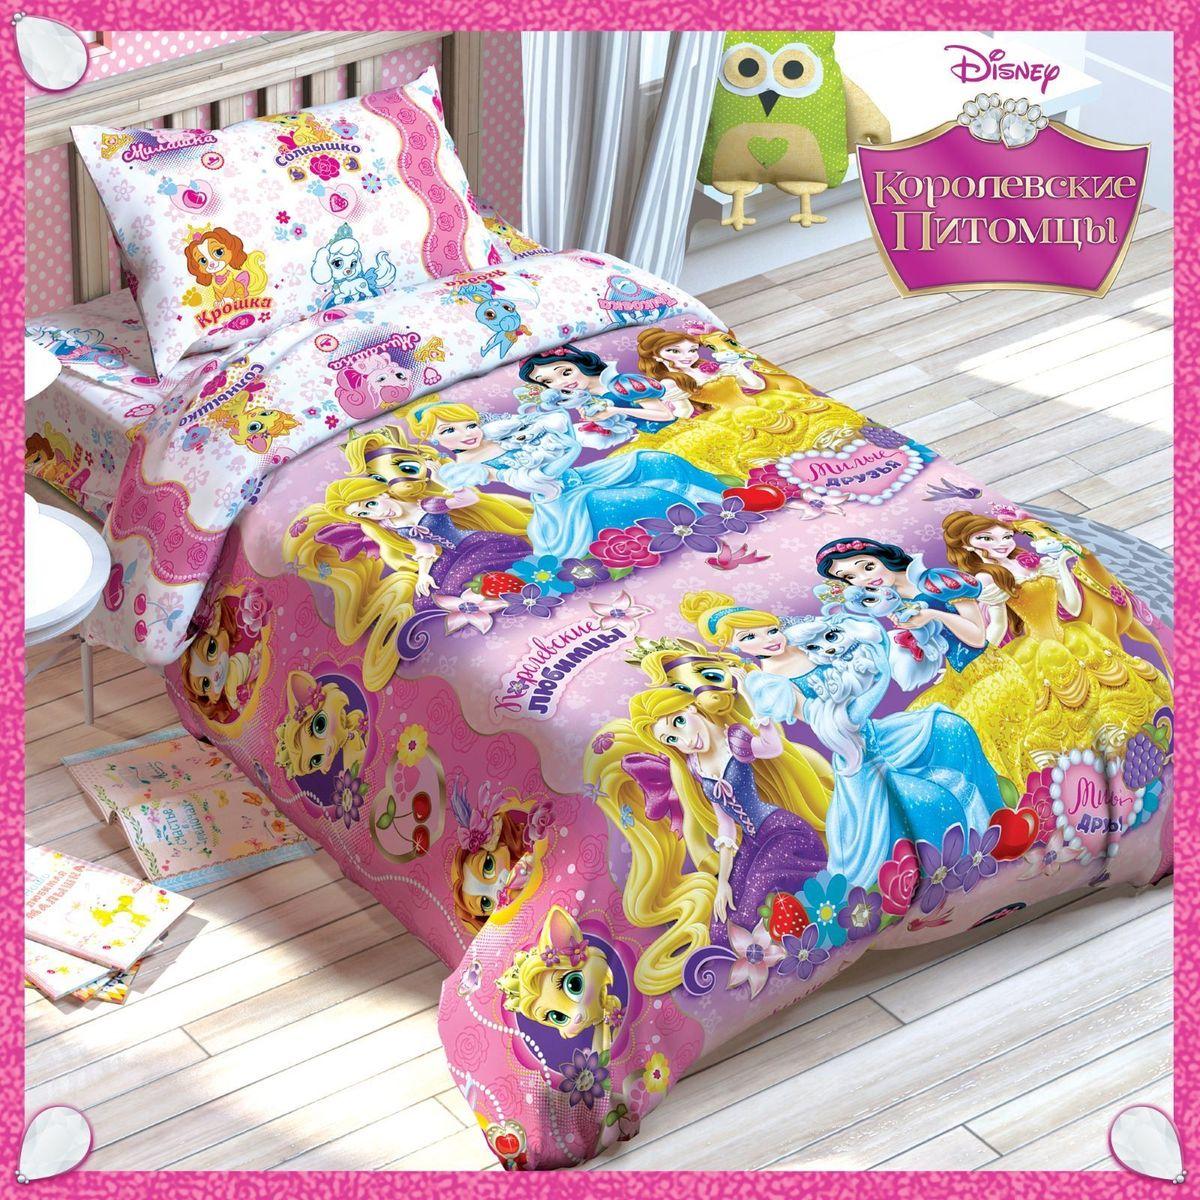 Disney КПБ 1,5 спальное Королевскме питомцы1317327Постельное бельё для самой милой и очаровательной девчонки! Превратить детскую в настоящую сказочную страну, подарить маленькой поклоннице диснеевских мультфильмов сны, полные удивительных приключений и волшебства, обеспечить дочке комфорт и уют на протяжении всей ночи — всё это легко сделать с комплектом «Бемби».Над дизайном этого постельного белья работала команда настоящих мастеров своего дела! На внешней стороне пододеяльника разместился основной мотив: яркий, динамичный и запоминающийся рисунок, дополненный надписями на русском языке. В качестве основы для наволочек, простыни и внутренней стороны пододеяльника используется светлая ткань-компаньон: принт здесь более спокойный, но не менее красивый!Кроха будет в восторге!А заботливых родителей порадует качество. Бельё изготовлено на современном оборудовании в России под тщательным контролем на каждой стадии производства. В работе использовался только натуральный, экологически чистый хлопок и безопасные европейские красители. Именно поэтому комплект:невероятно приятный на ощупь, подходит для детей с чувствительной кожей; позволяет коже дышать; отлично впитывает влагу; не вызывает аллергию; прост в уходе и долговечен. В комплект входит: пододеяльник (143 х 215 см), простыня (150 х 214 см) и одна наволочка (50 х 70 см).При соблюдении простых рекомендаций по уходу за изделием постельное бельё прослужит длительный срок, сохранив яркость красок и нежность ткани. Стирать бельё нужно при температуре не выше сорока градусов без использования отбеливающих средств. Гладить — при температуре не более 150 °C. Химчистка запрещена.